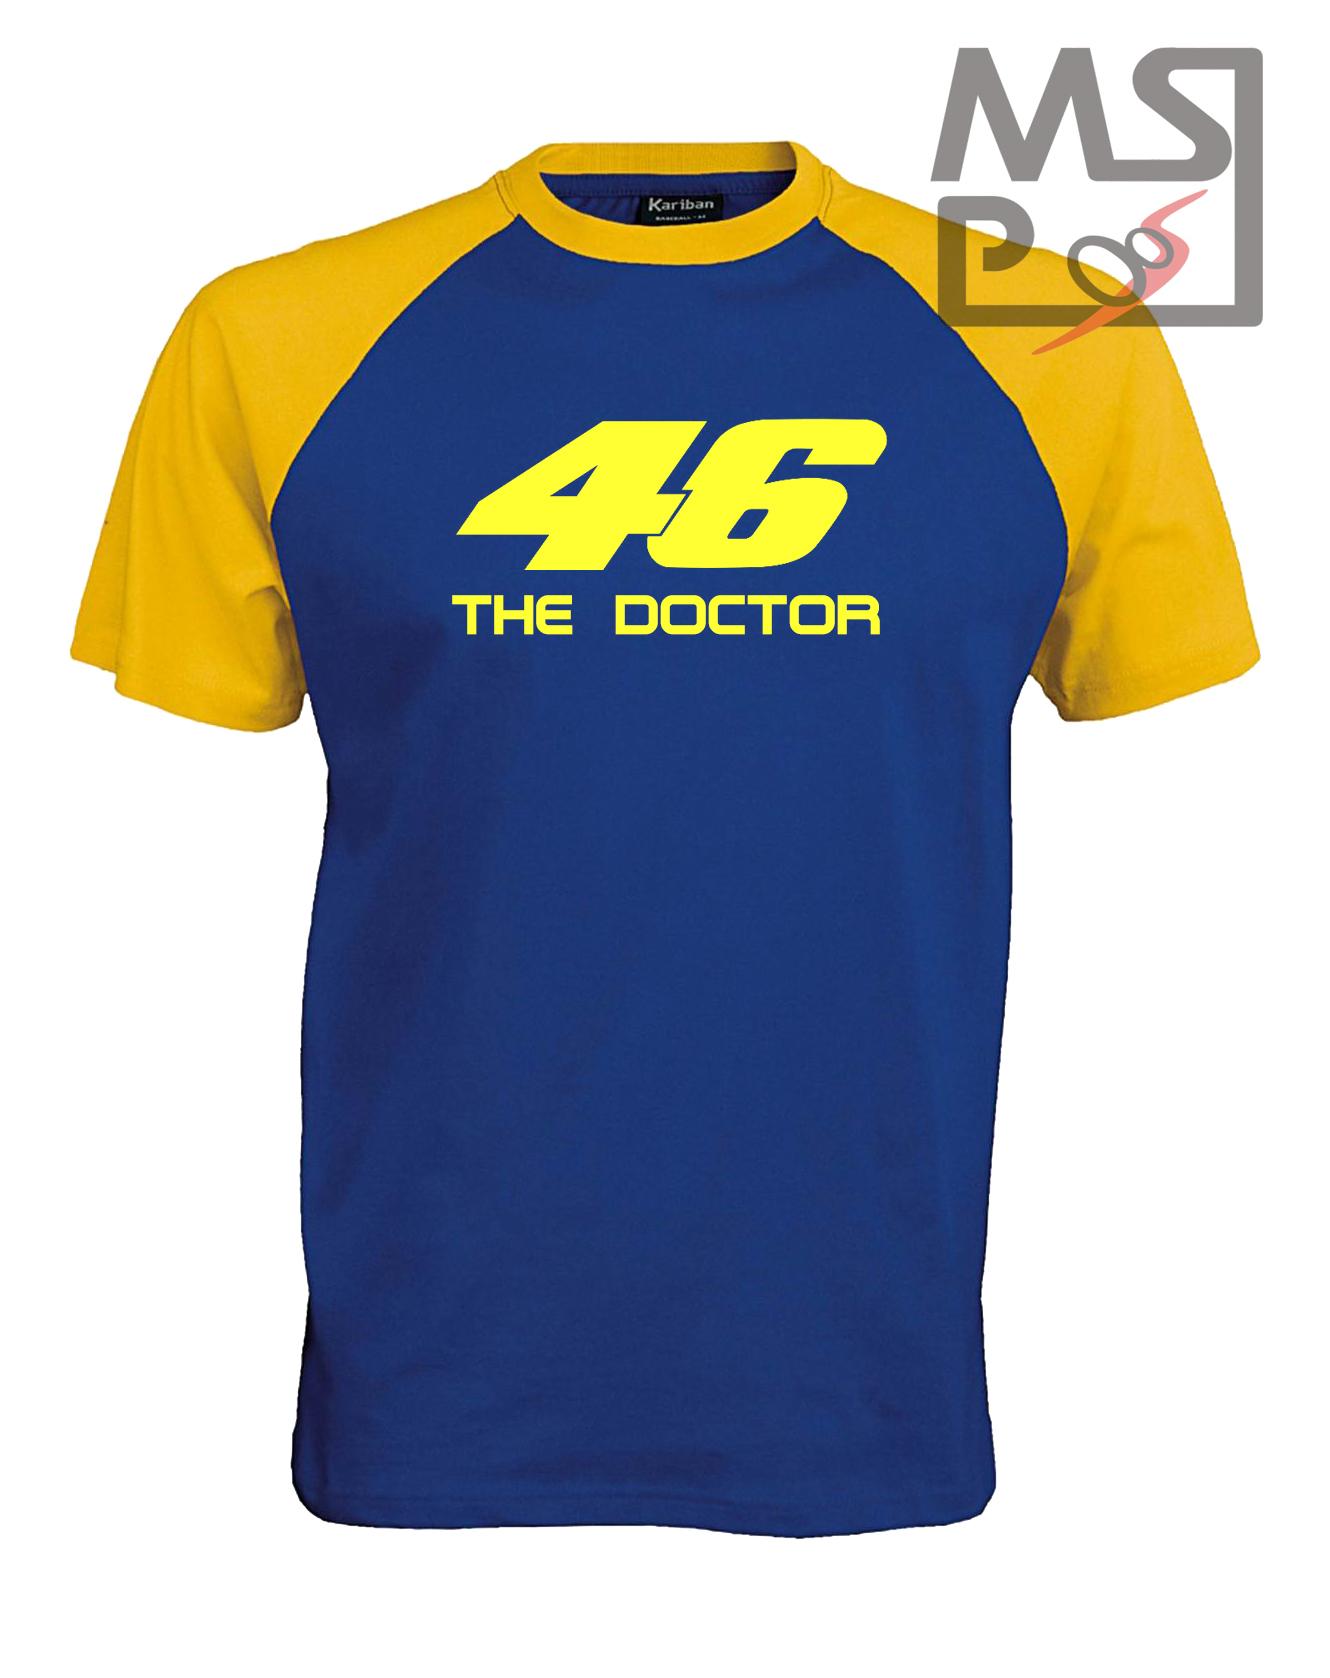 Pánske tričko s motívom The doctor